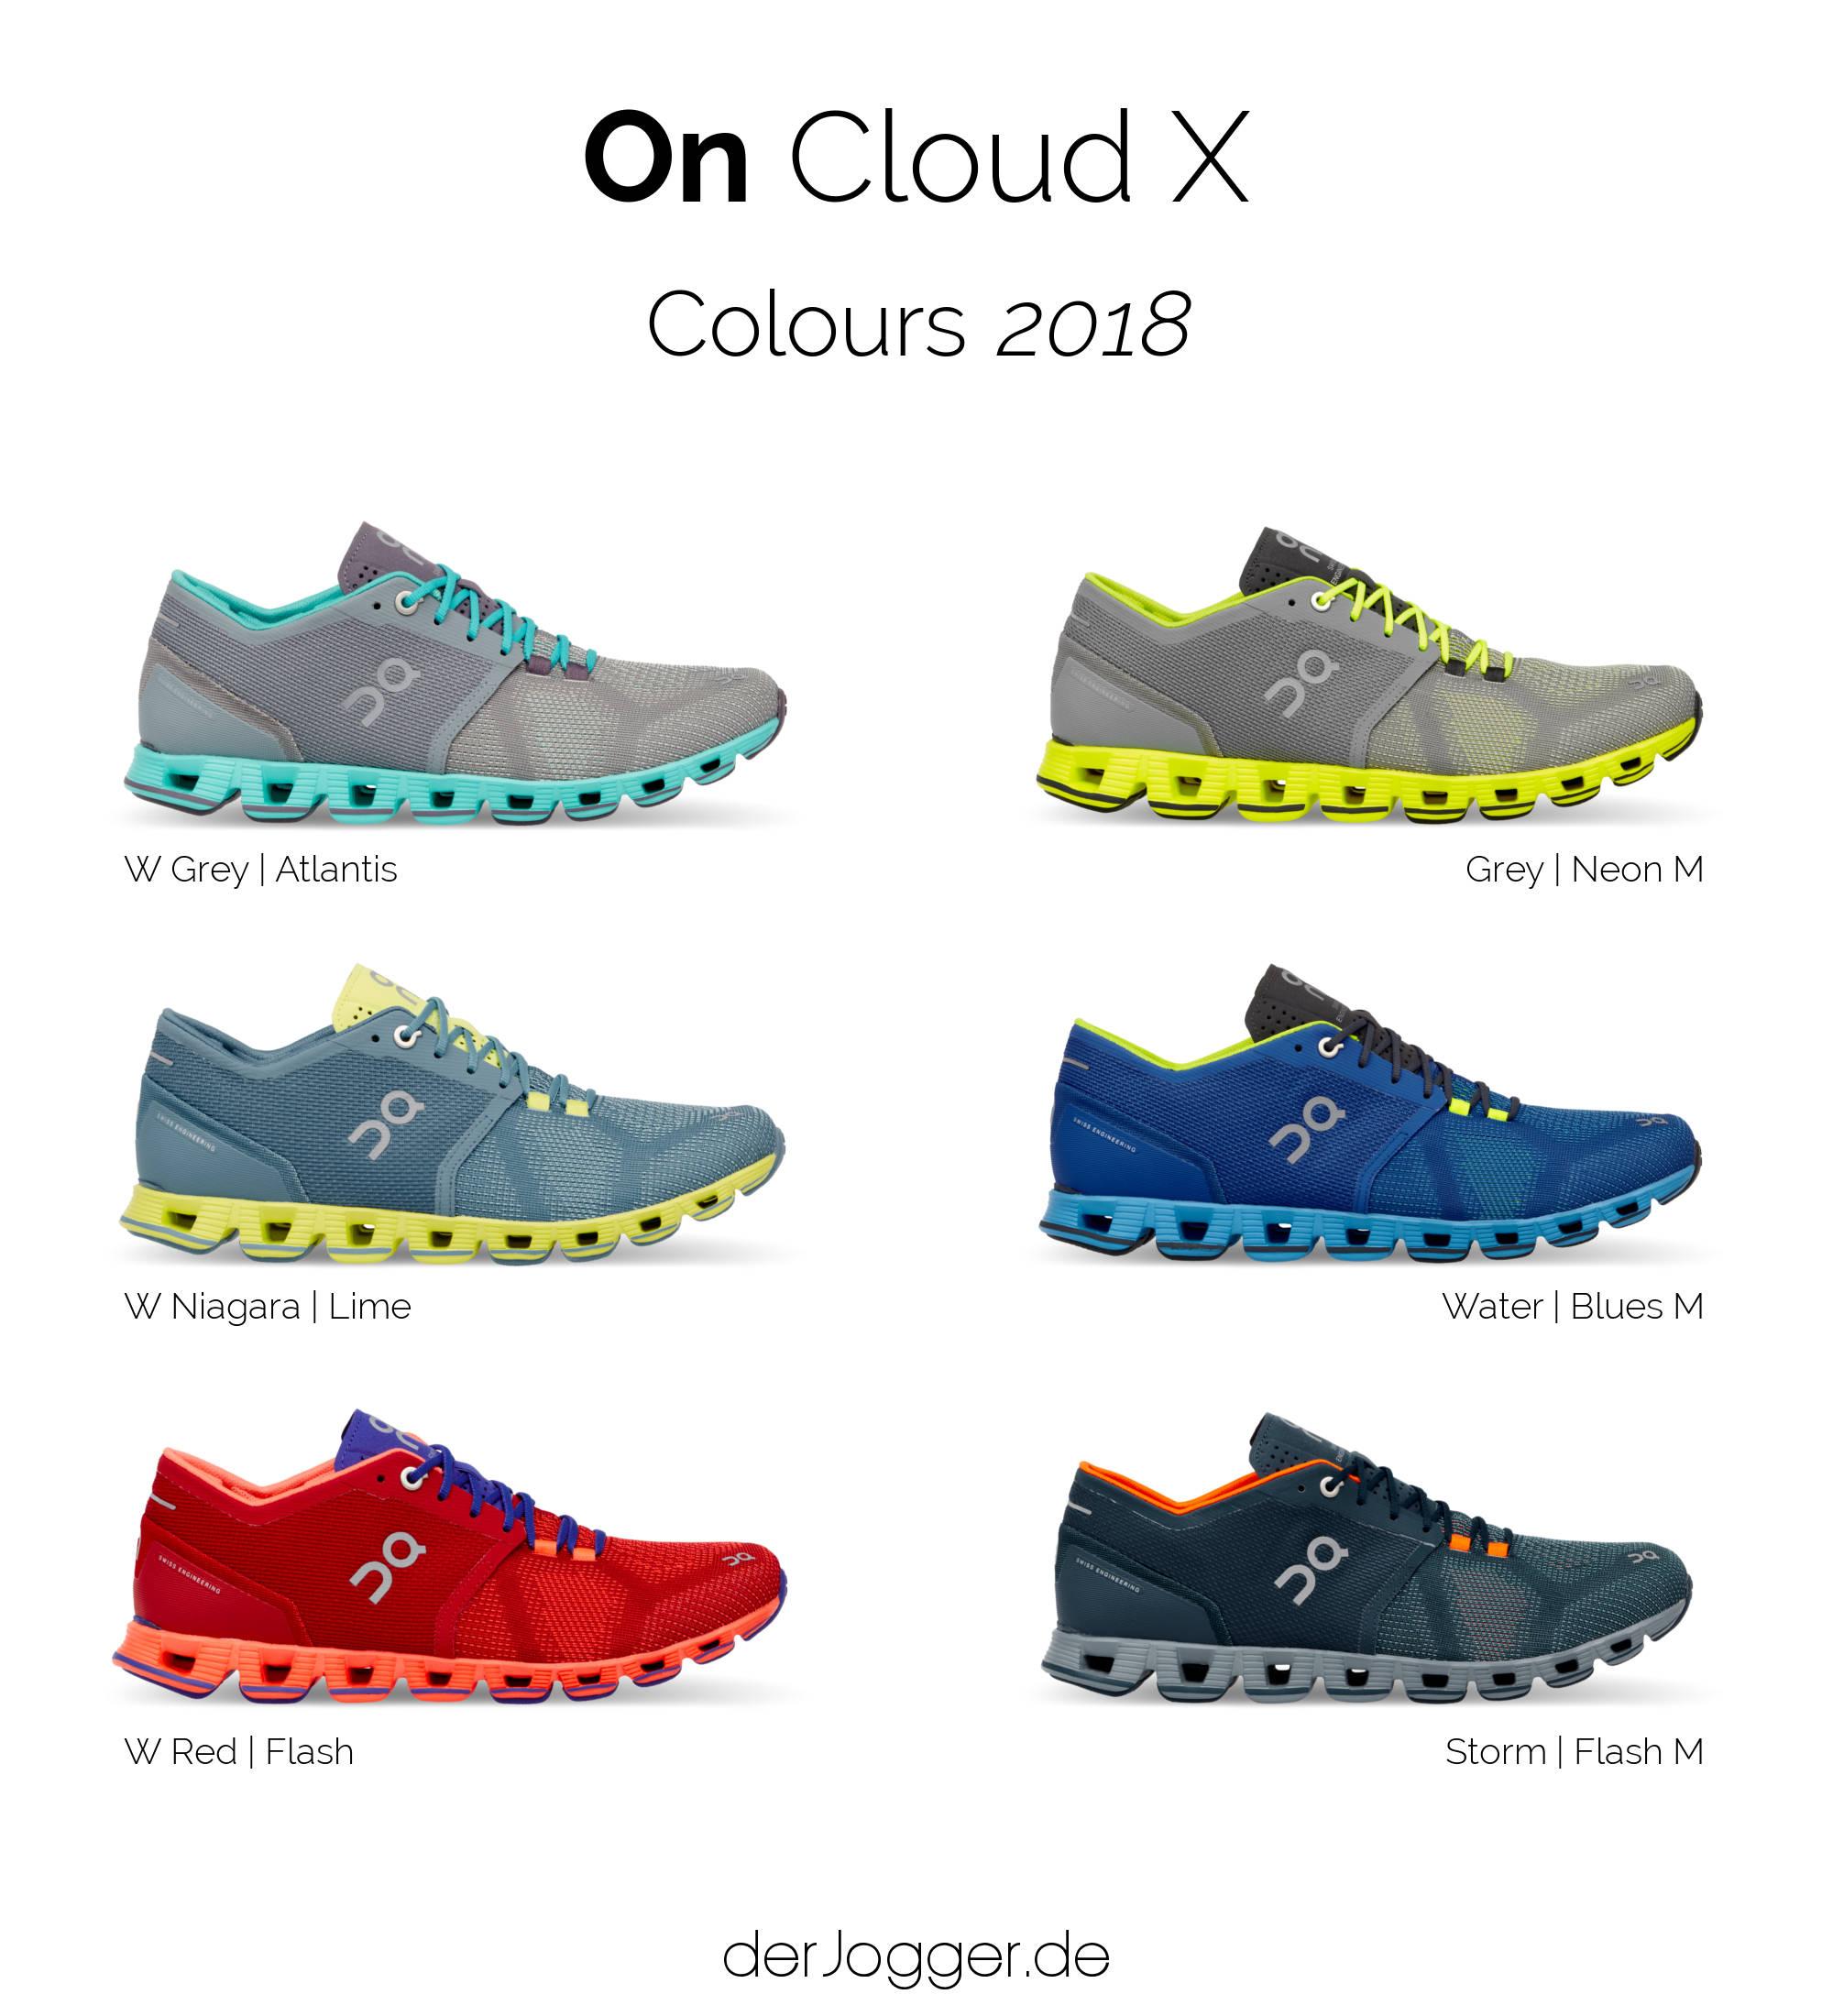 On Cloud X alle Farben für Damen und Herren